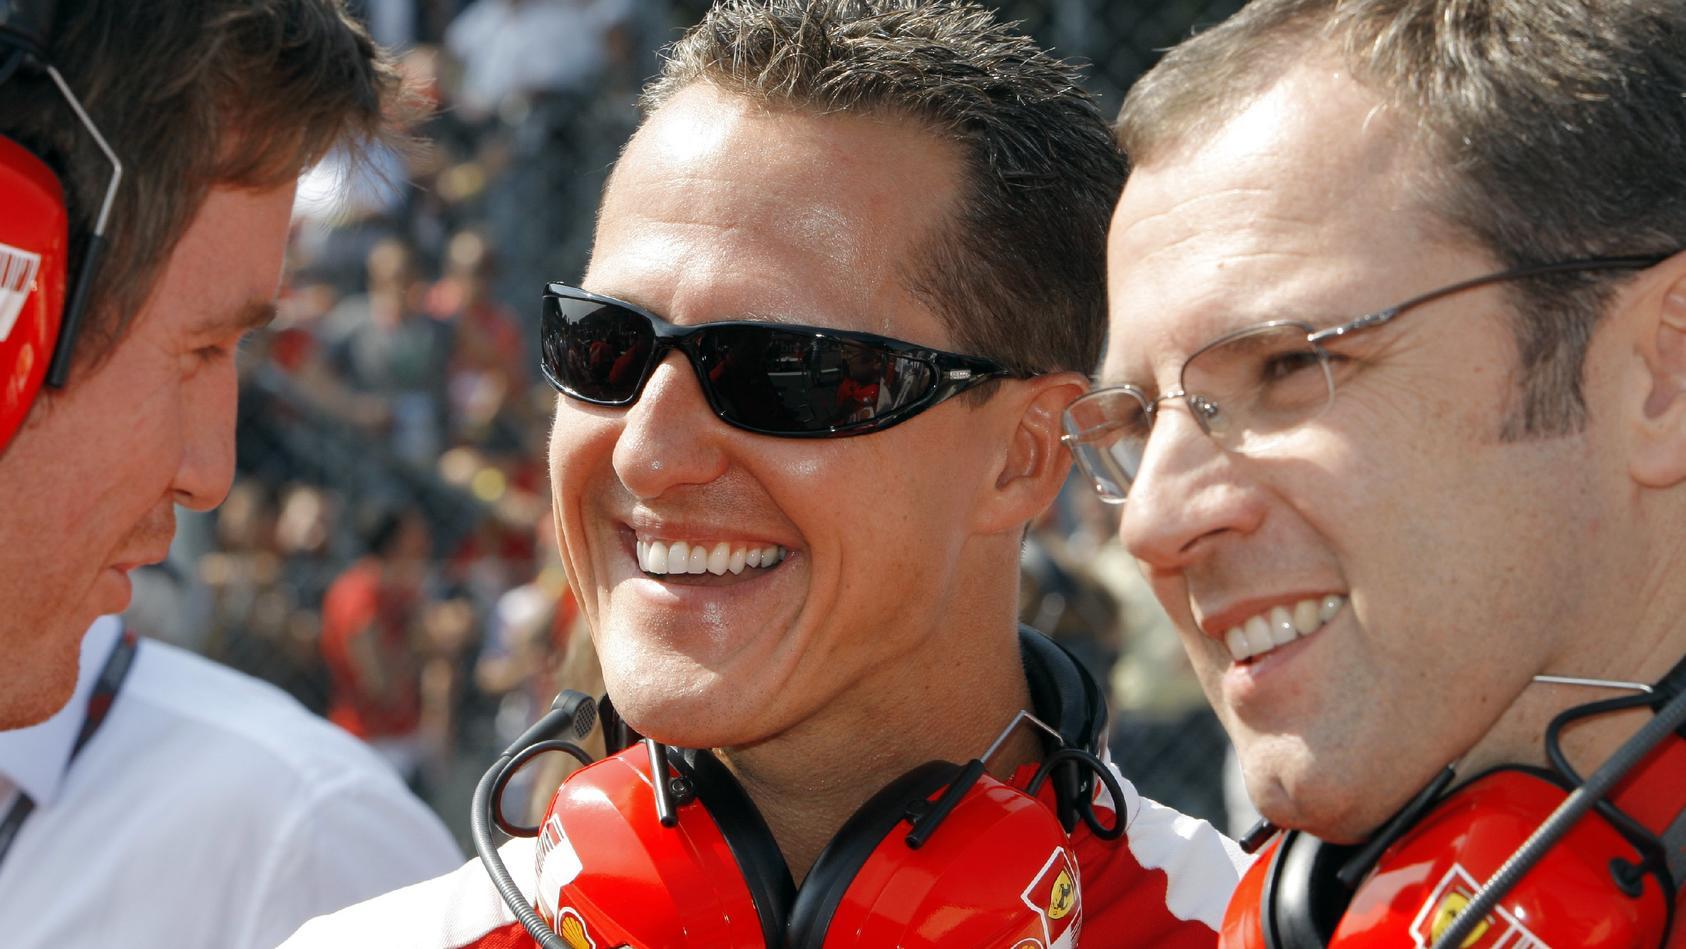 Formel 1 - GP Italien - Schumacher